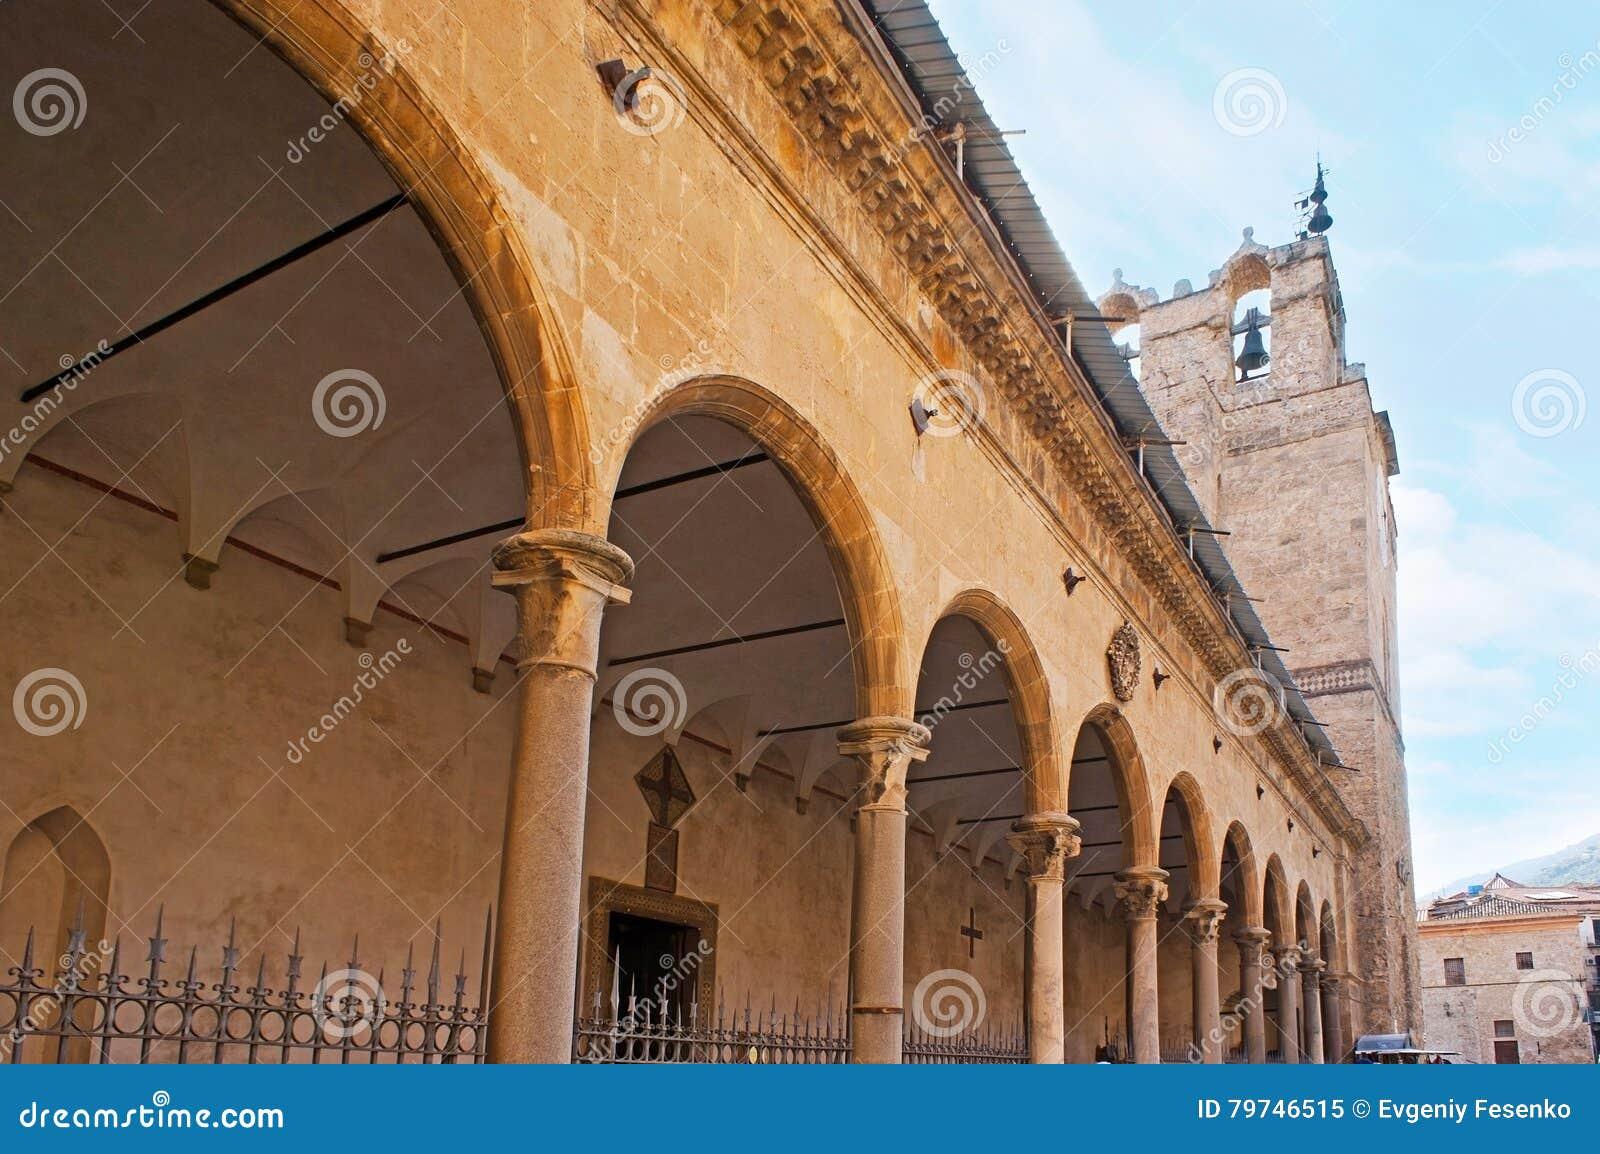 El pórtico de la catedral de Monreale